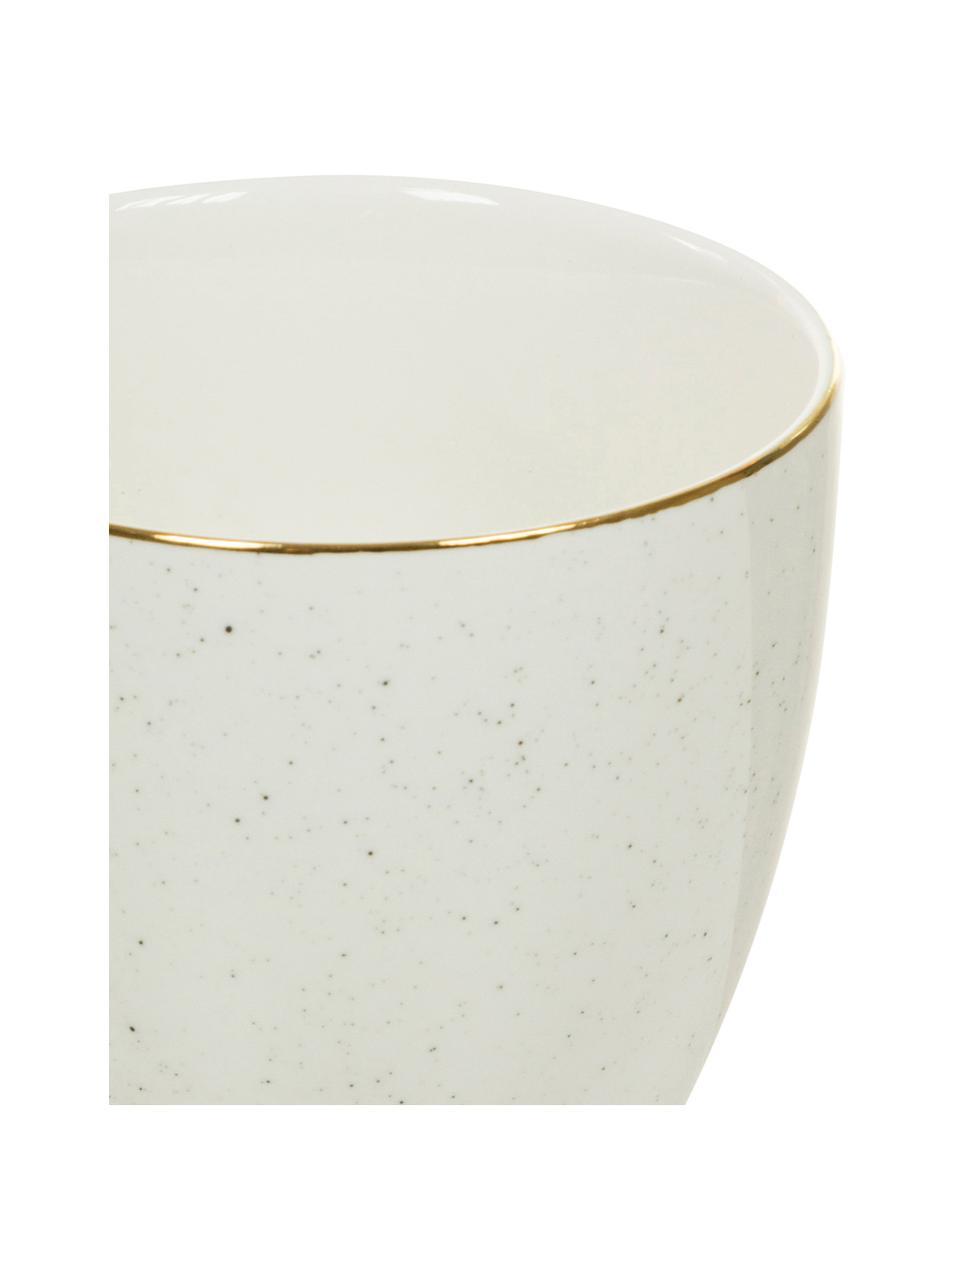 Tazza da caffè fatta a mano Bella 2 pz, Porcellana, Bianco crema, Ø 9 x Alt. 9 cm